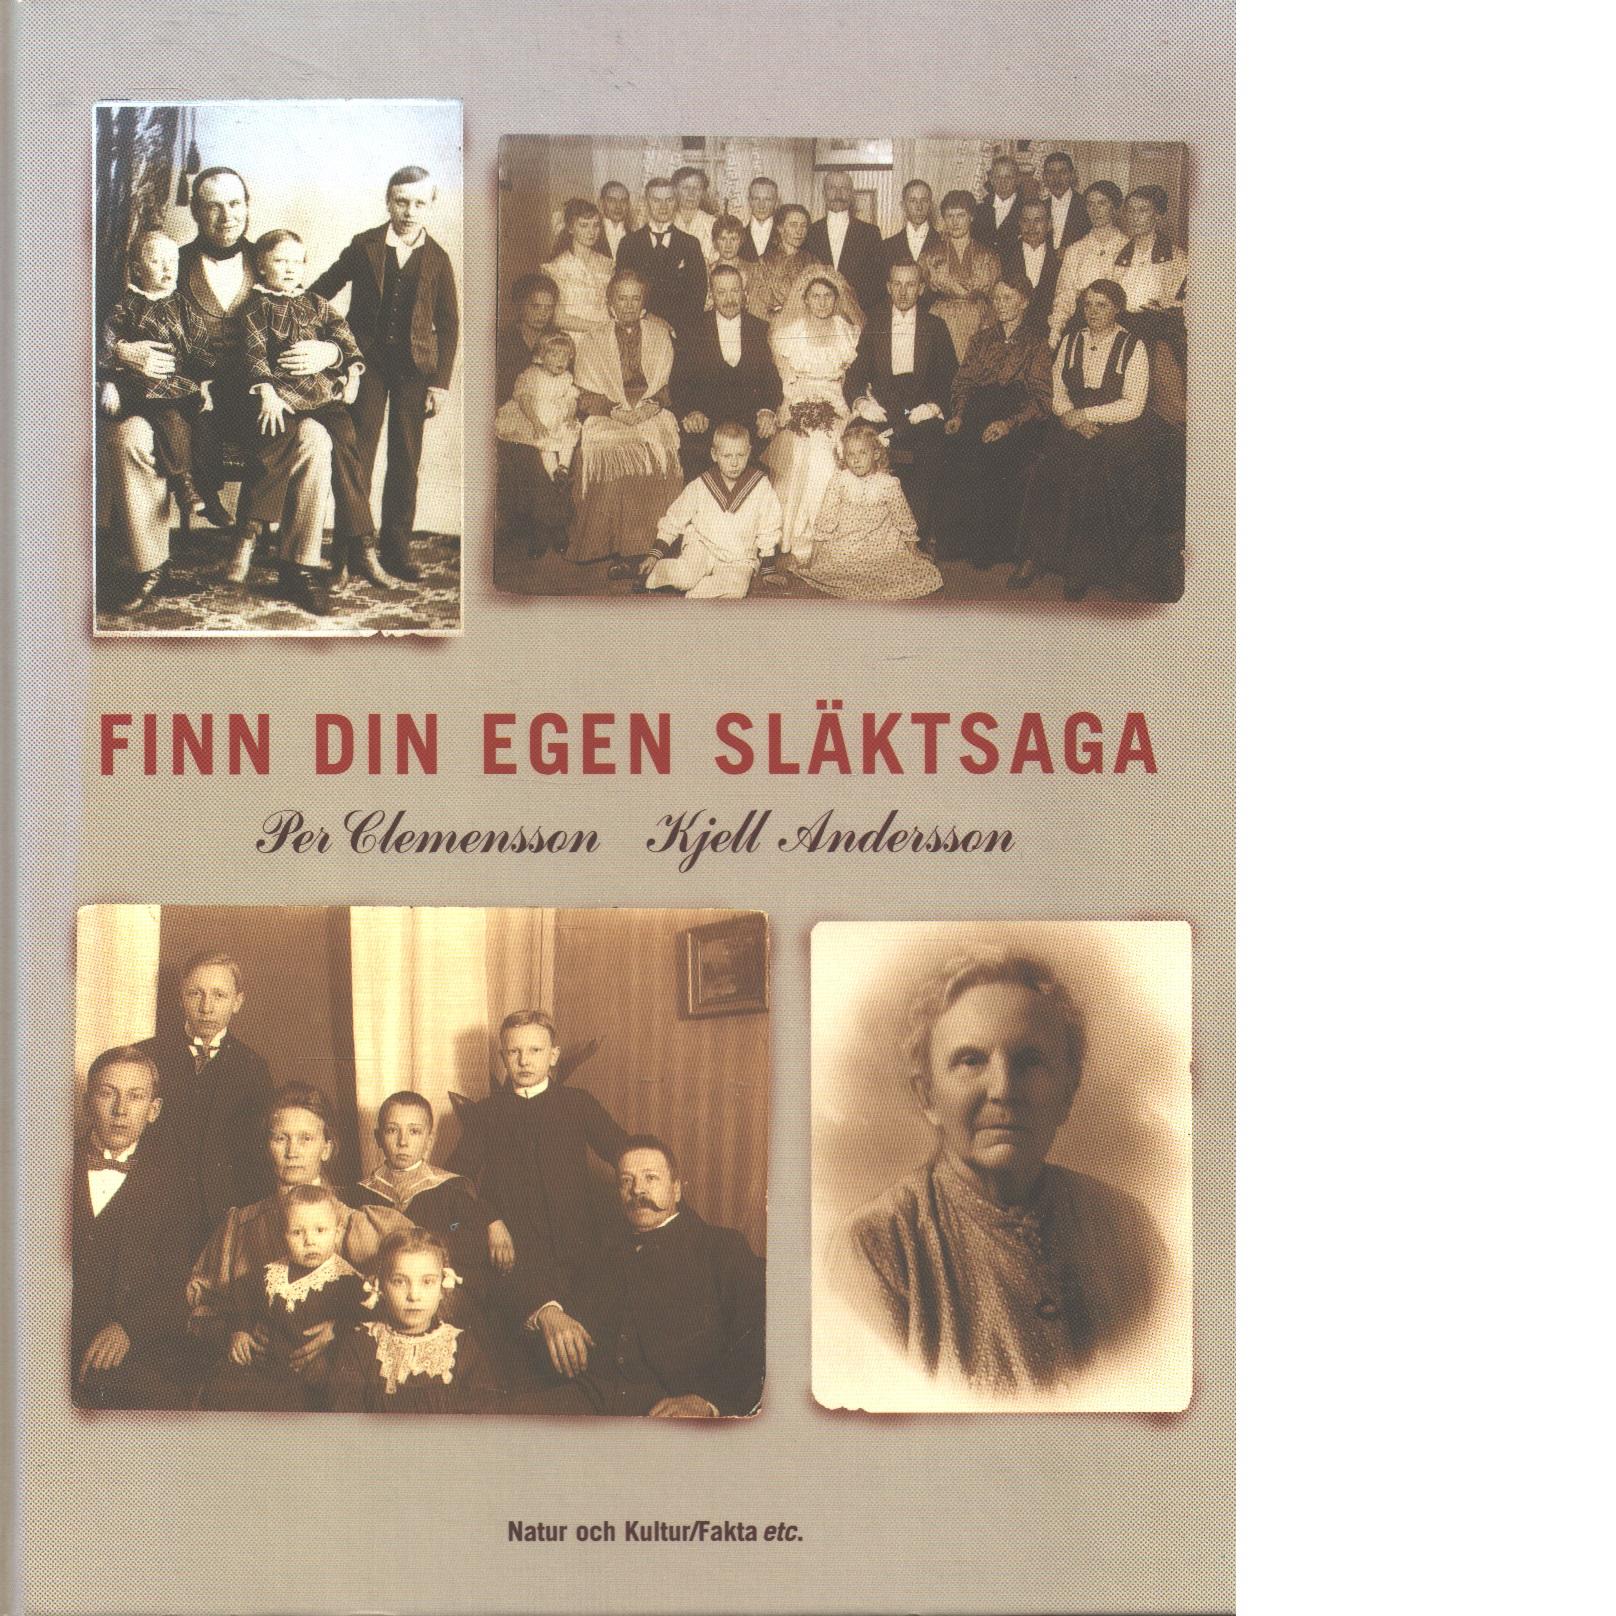 Finn din egen släktsaga - Clemensson, Per och Andersson, Kjell